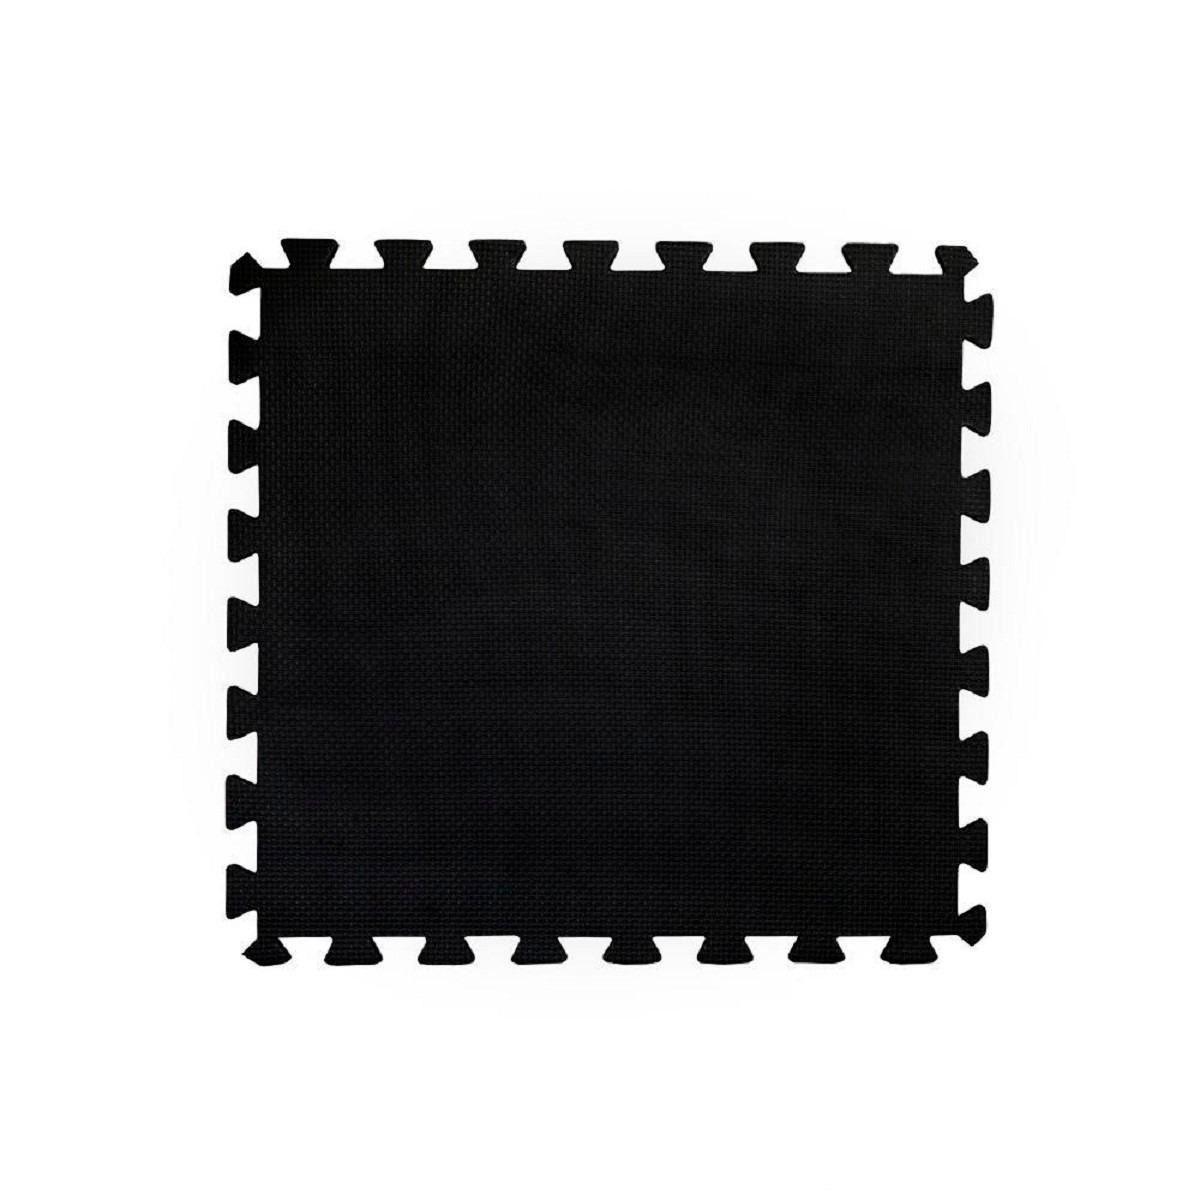 Tatame EVA 50cm x 50cm x 2cm Dupla Face Laranja com Preto Bicolor